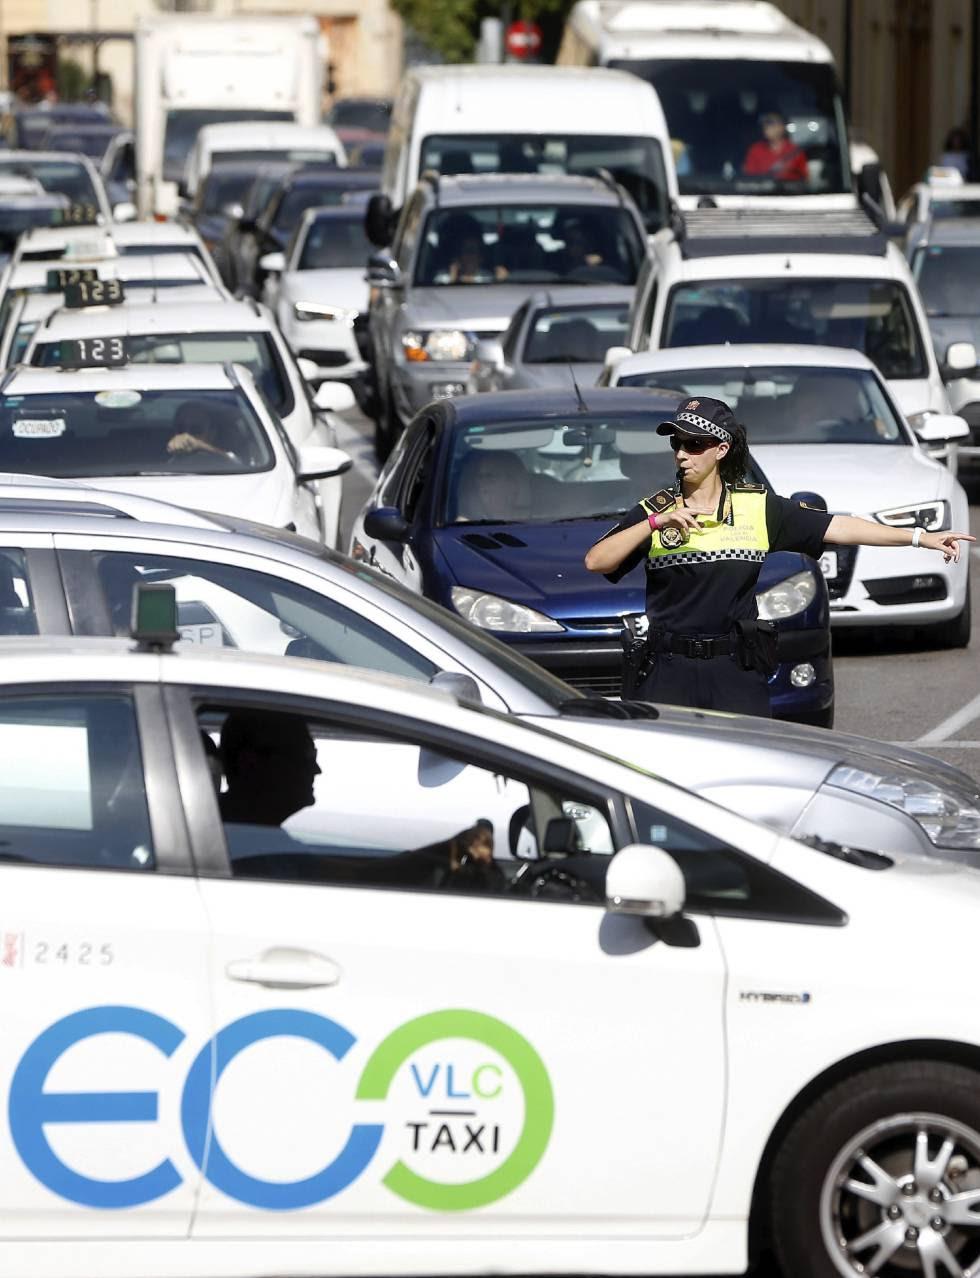 Una guardia urbano ordena el tráfico en Valencia